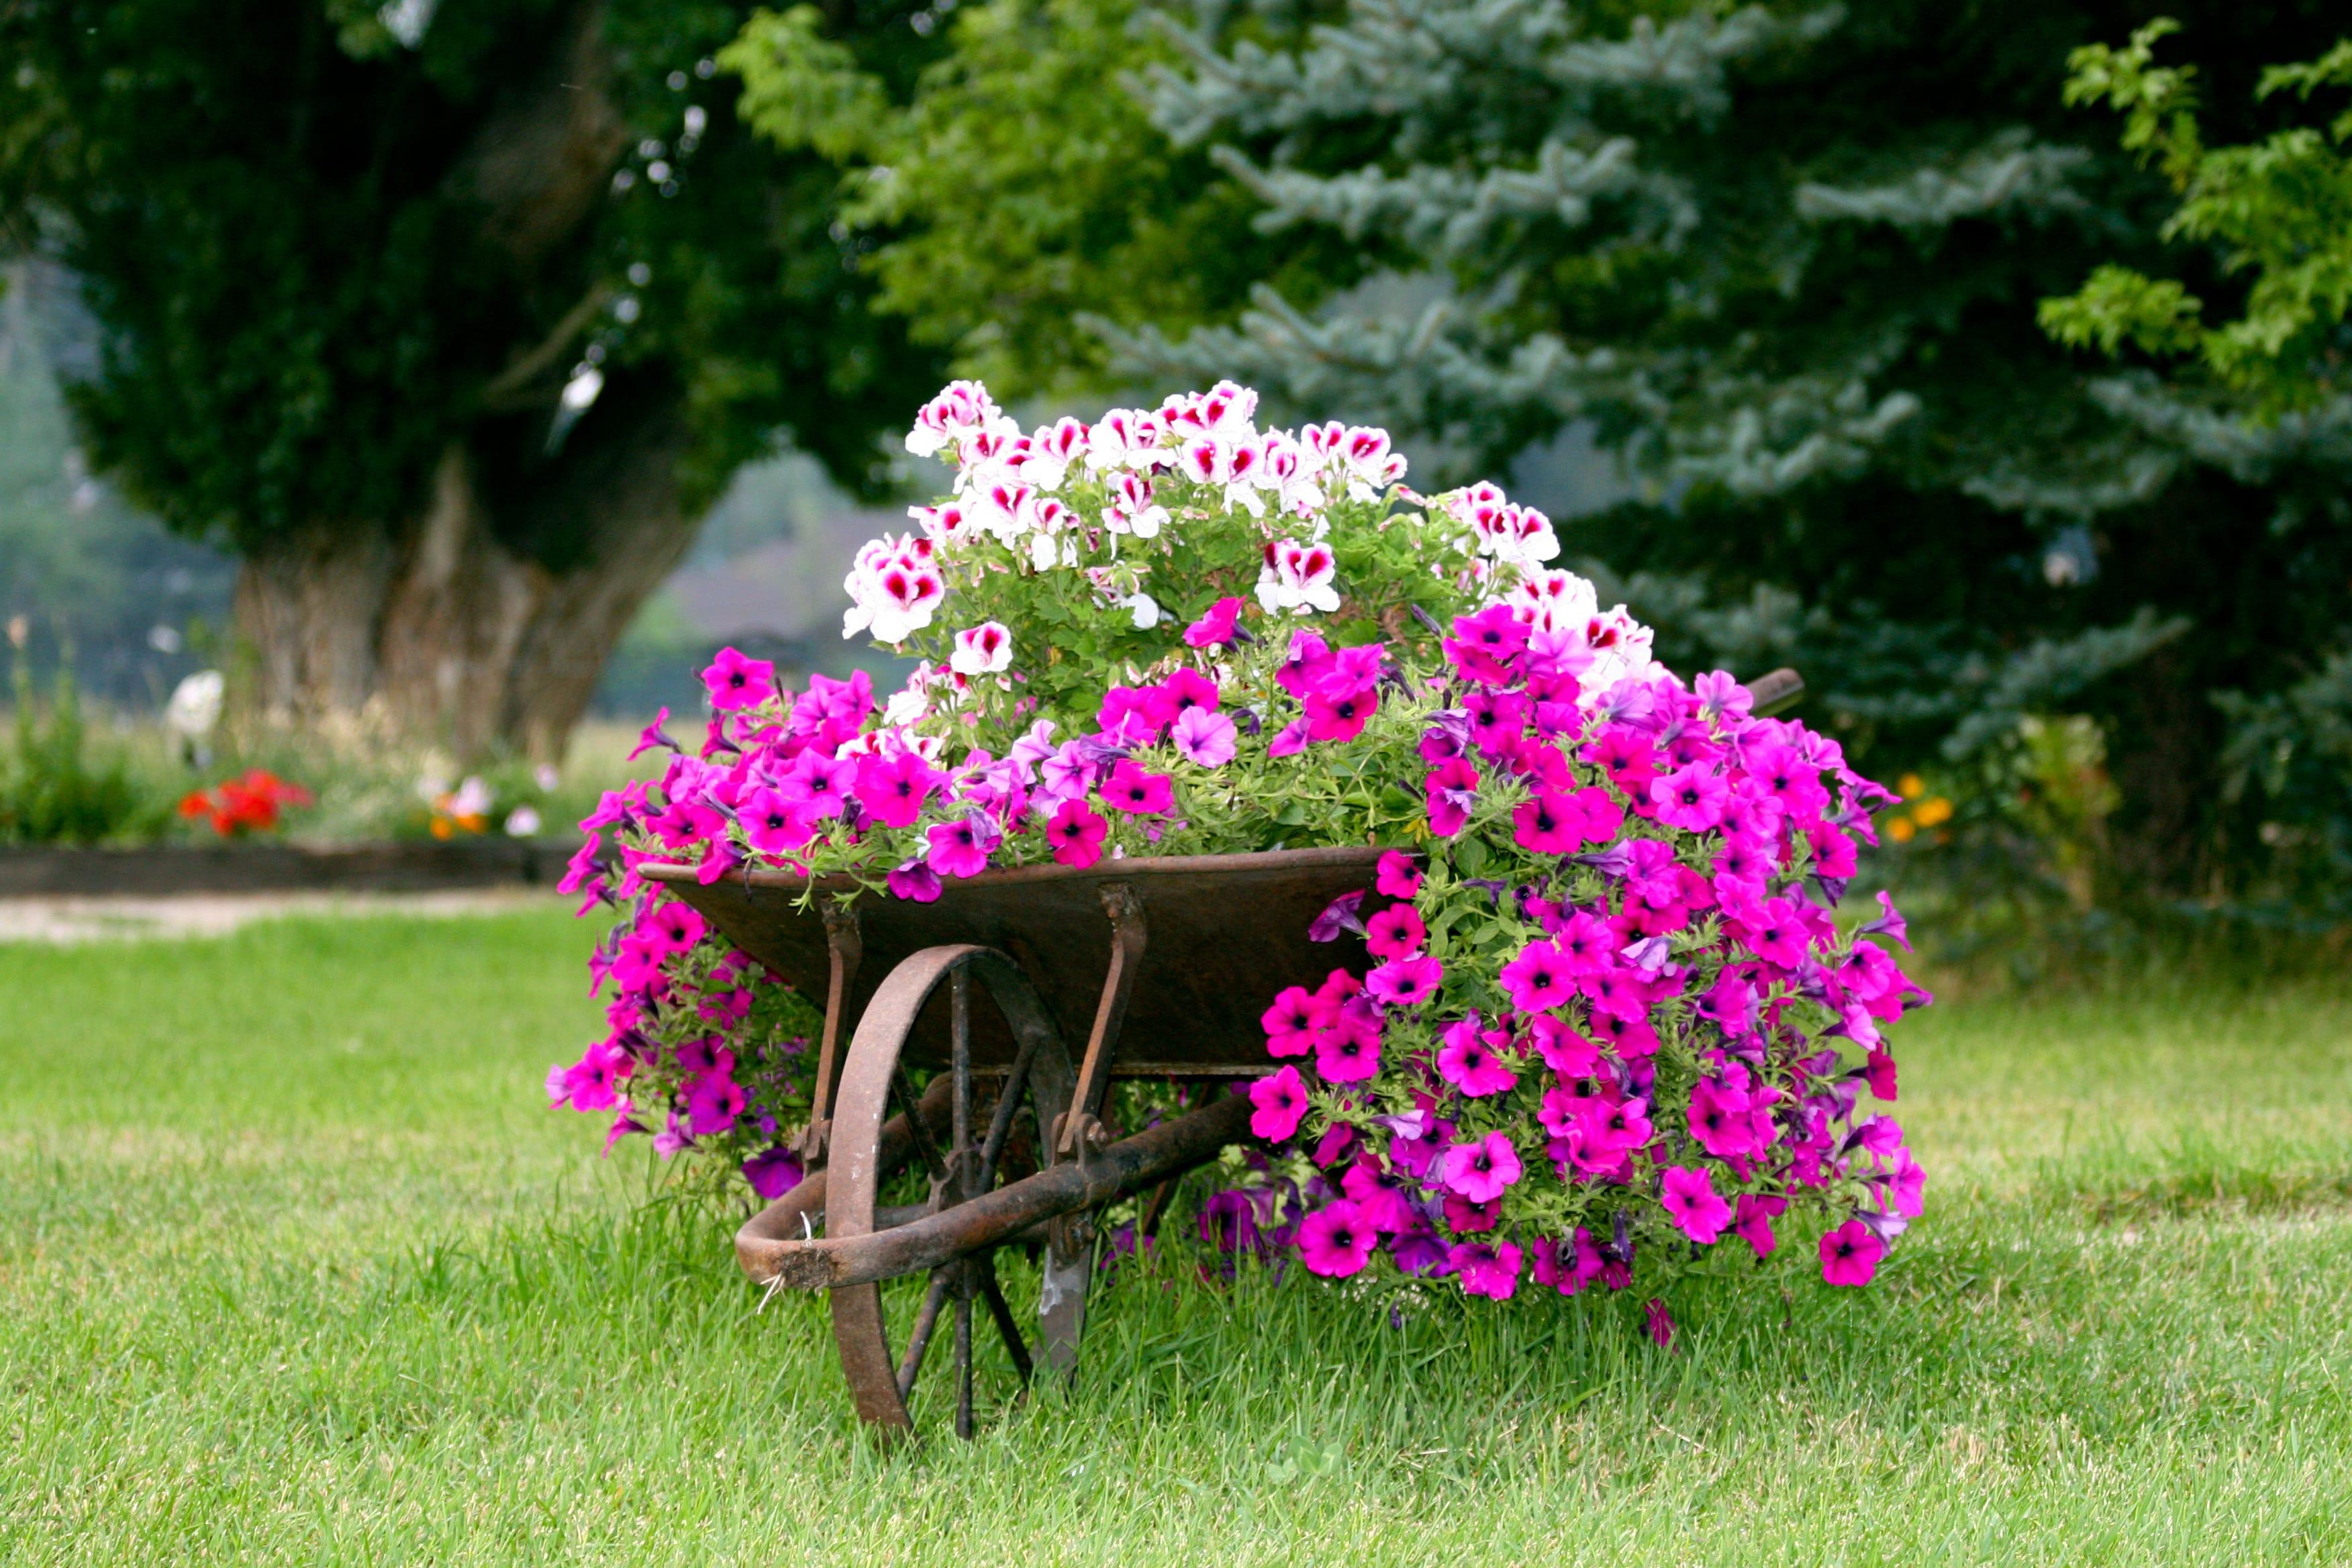 Immagini Piante E Fiori coltivare piante e fiori garantisce benessere   non sprecare